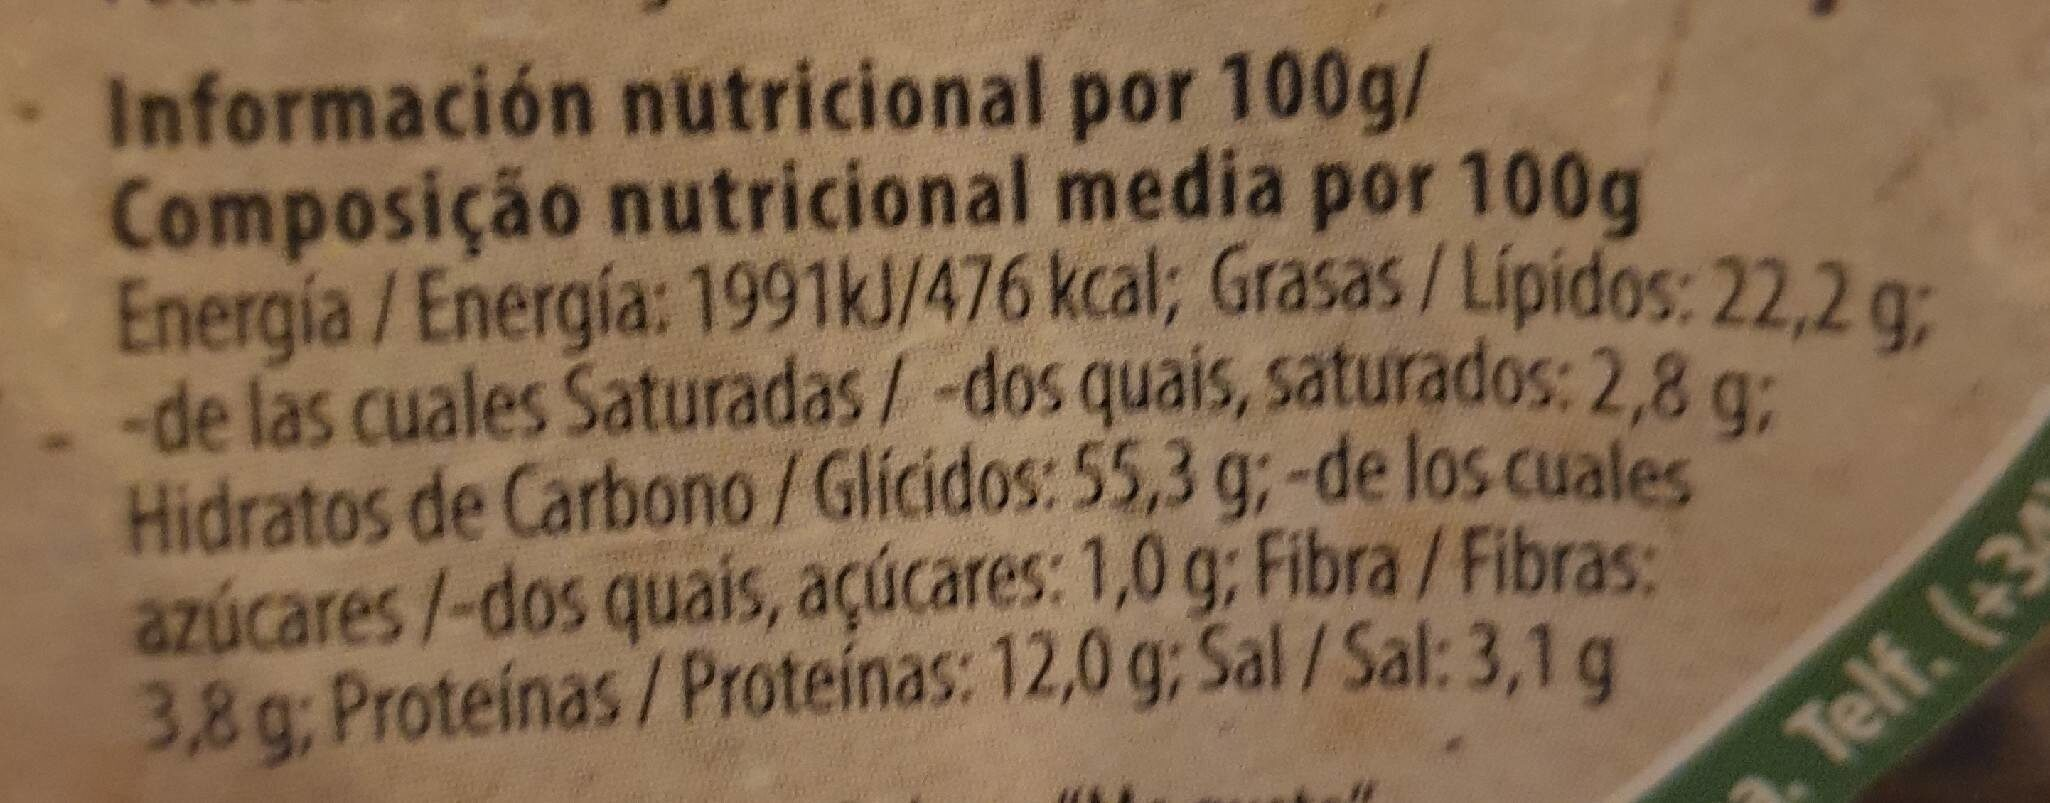 Chips de lentejas - Informations nutritionnelles - fr